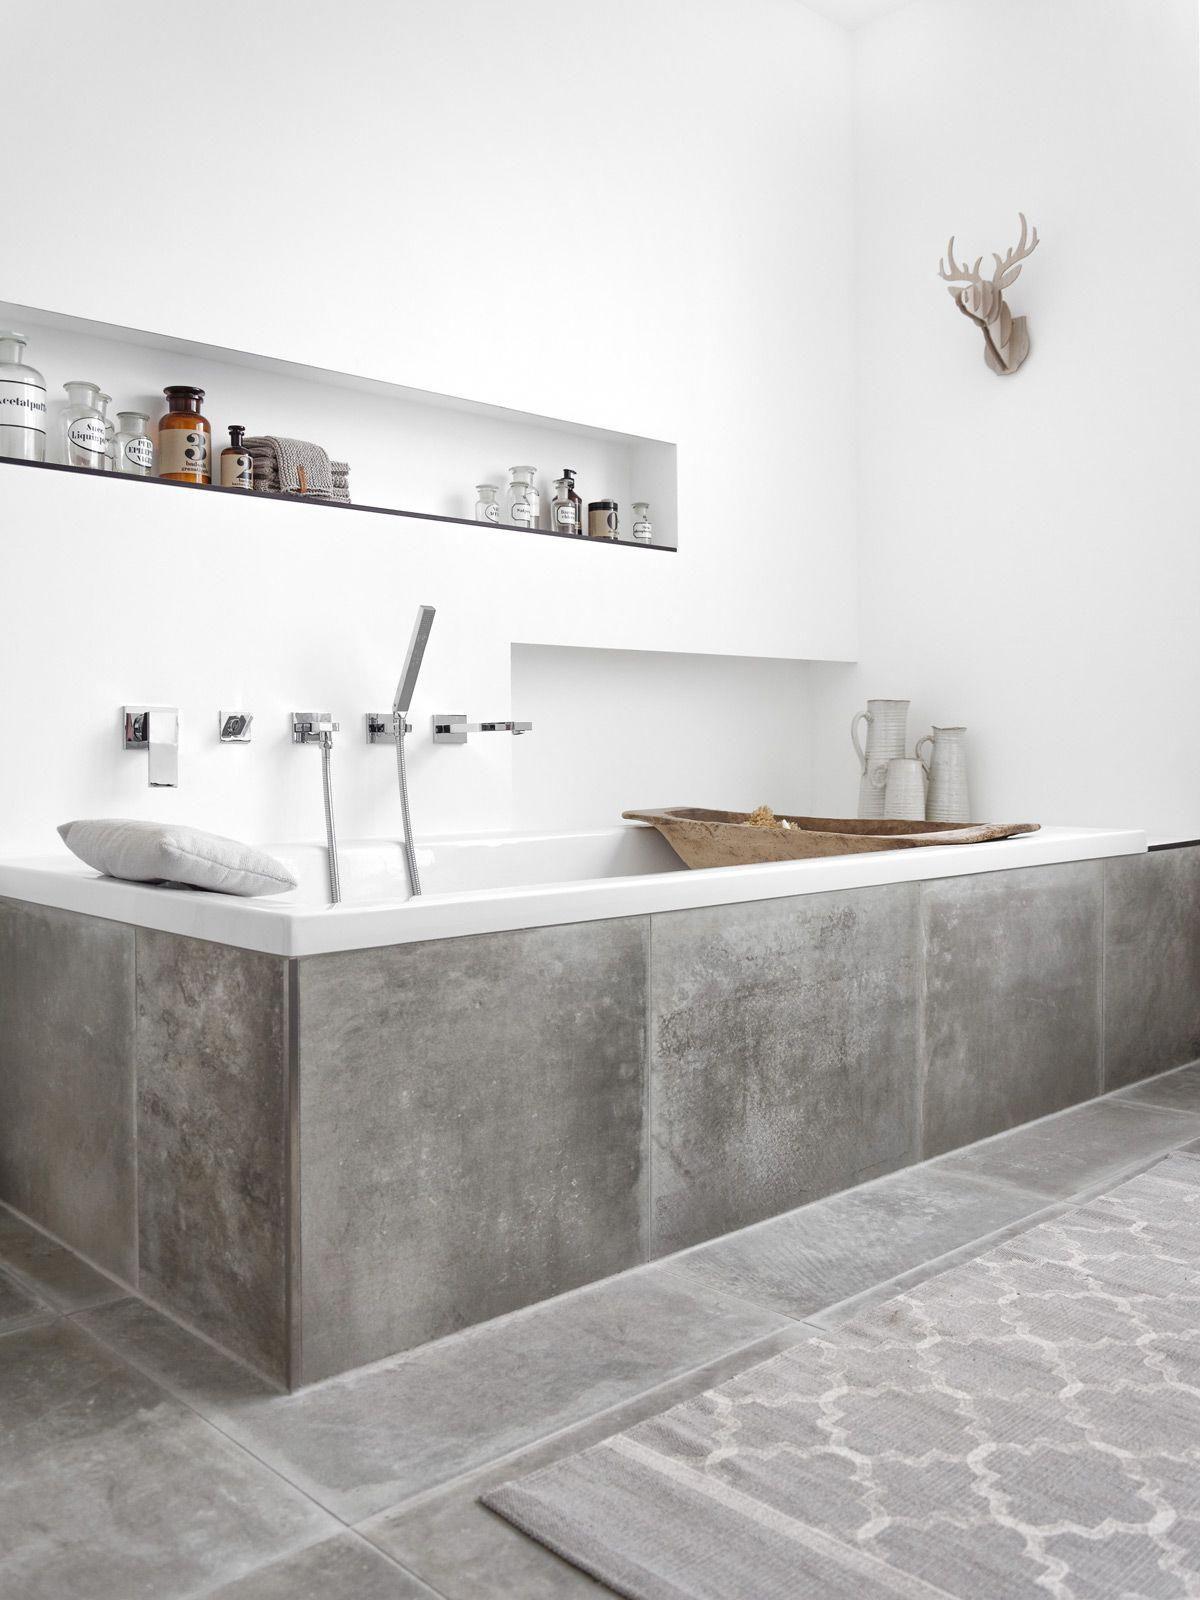 Mit Schonen Accessoires Wird Das Badezimmer Gleich Noch Wohnlicher Wie Man Hassliche Badezimmer Innenausstattung Bad Inspiration Minimalistische Badgestaltung